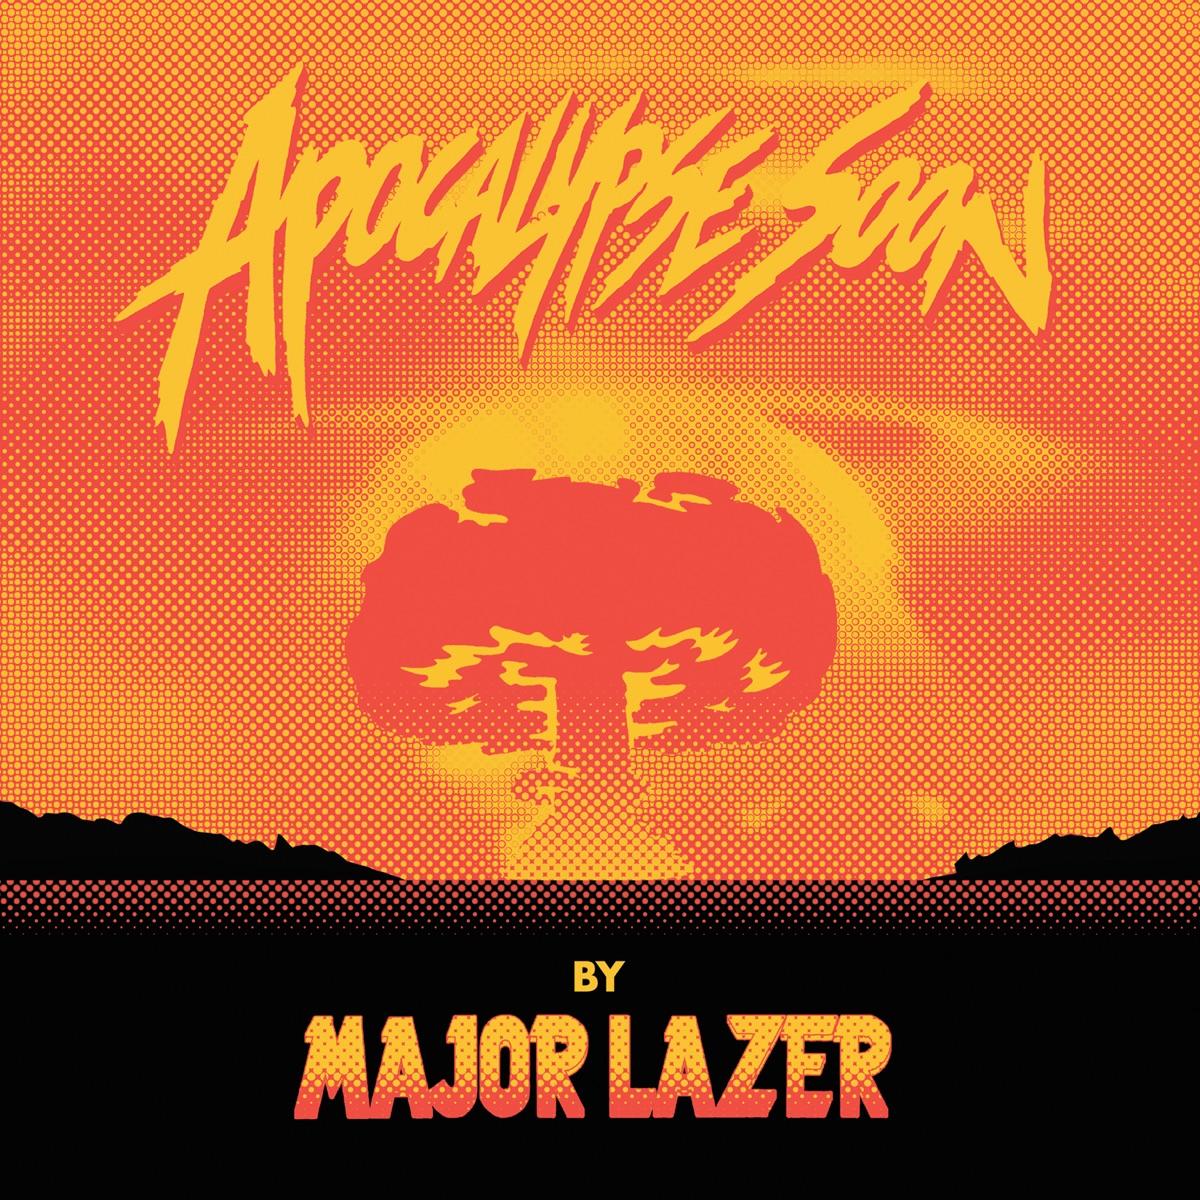 Apocalypse Soon - EP Major Lazer CD cover